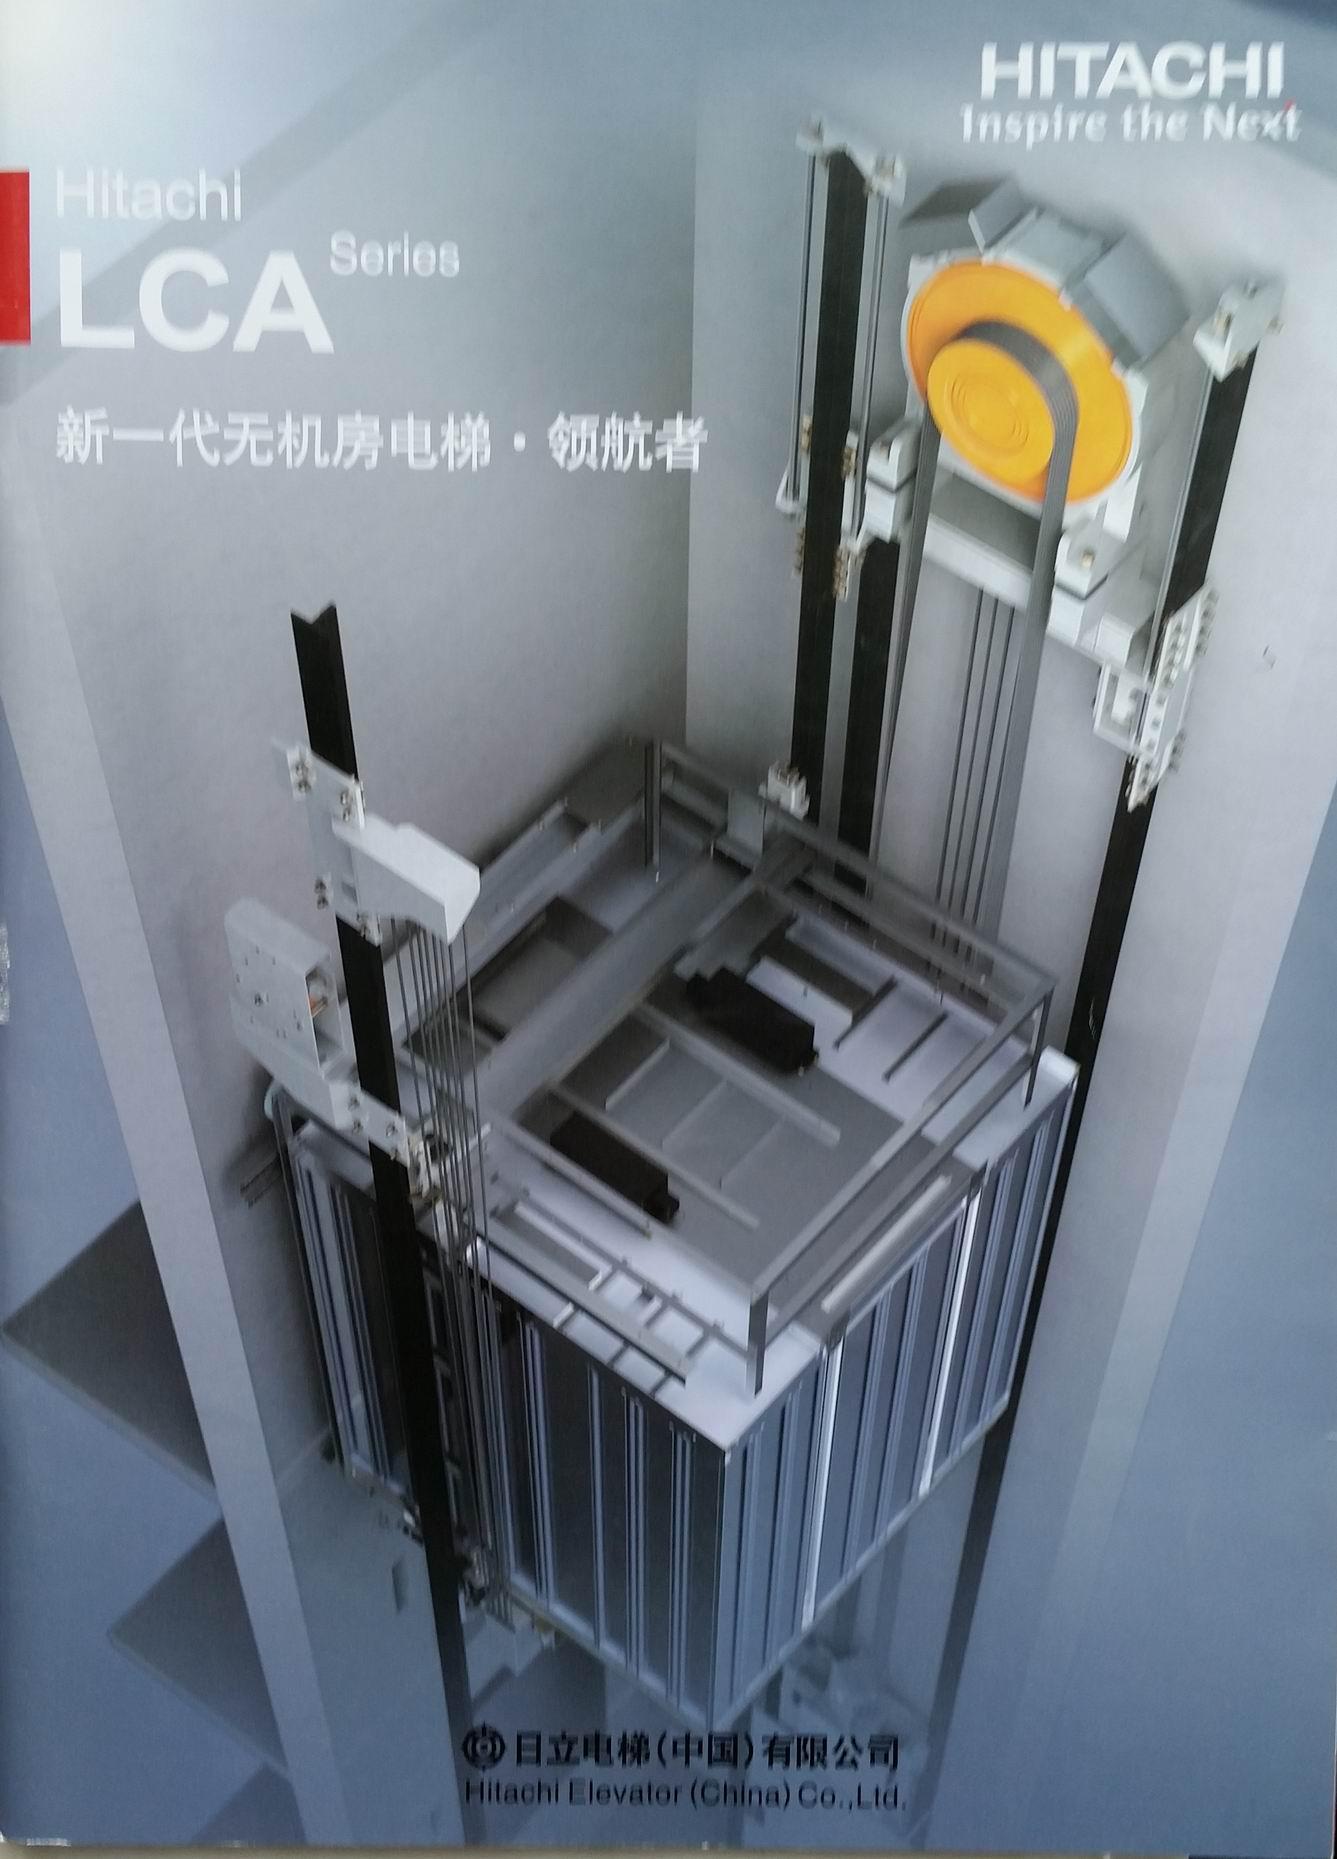 日立lca无机房电梯